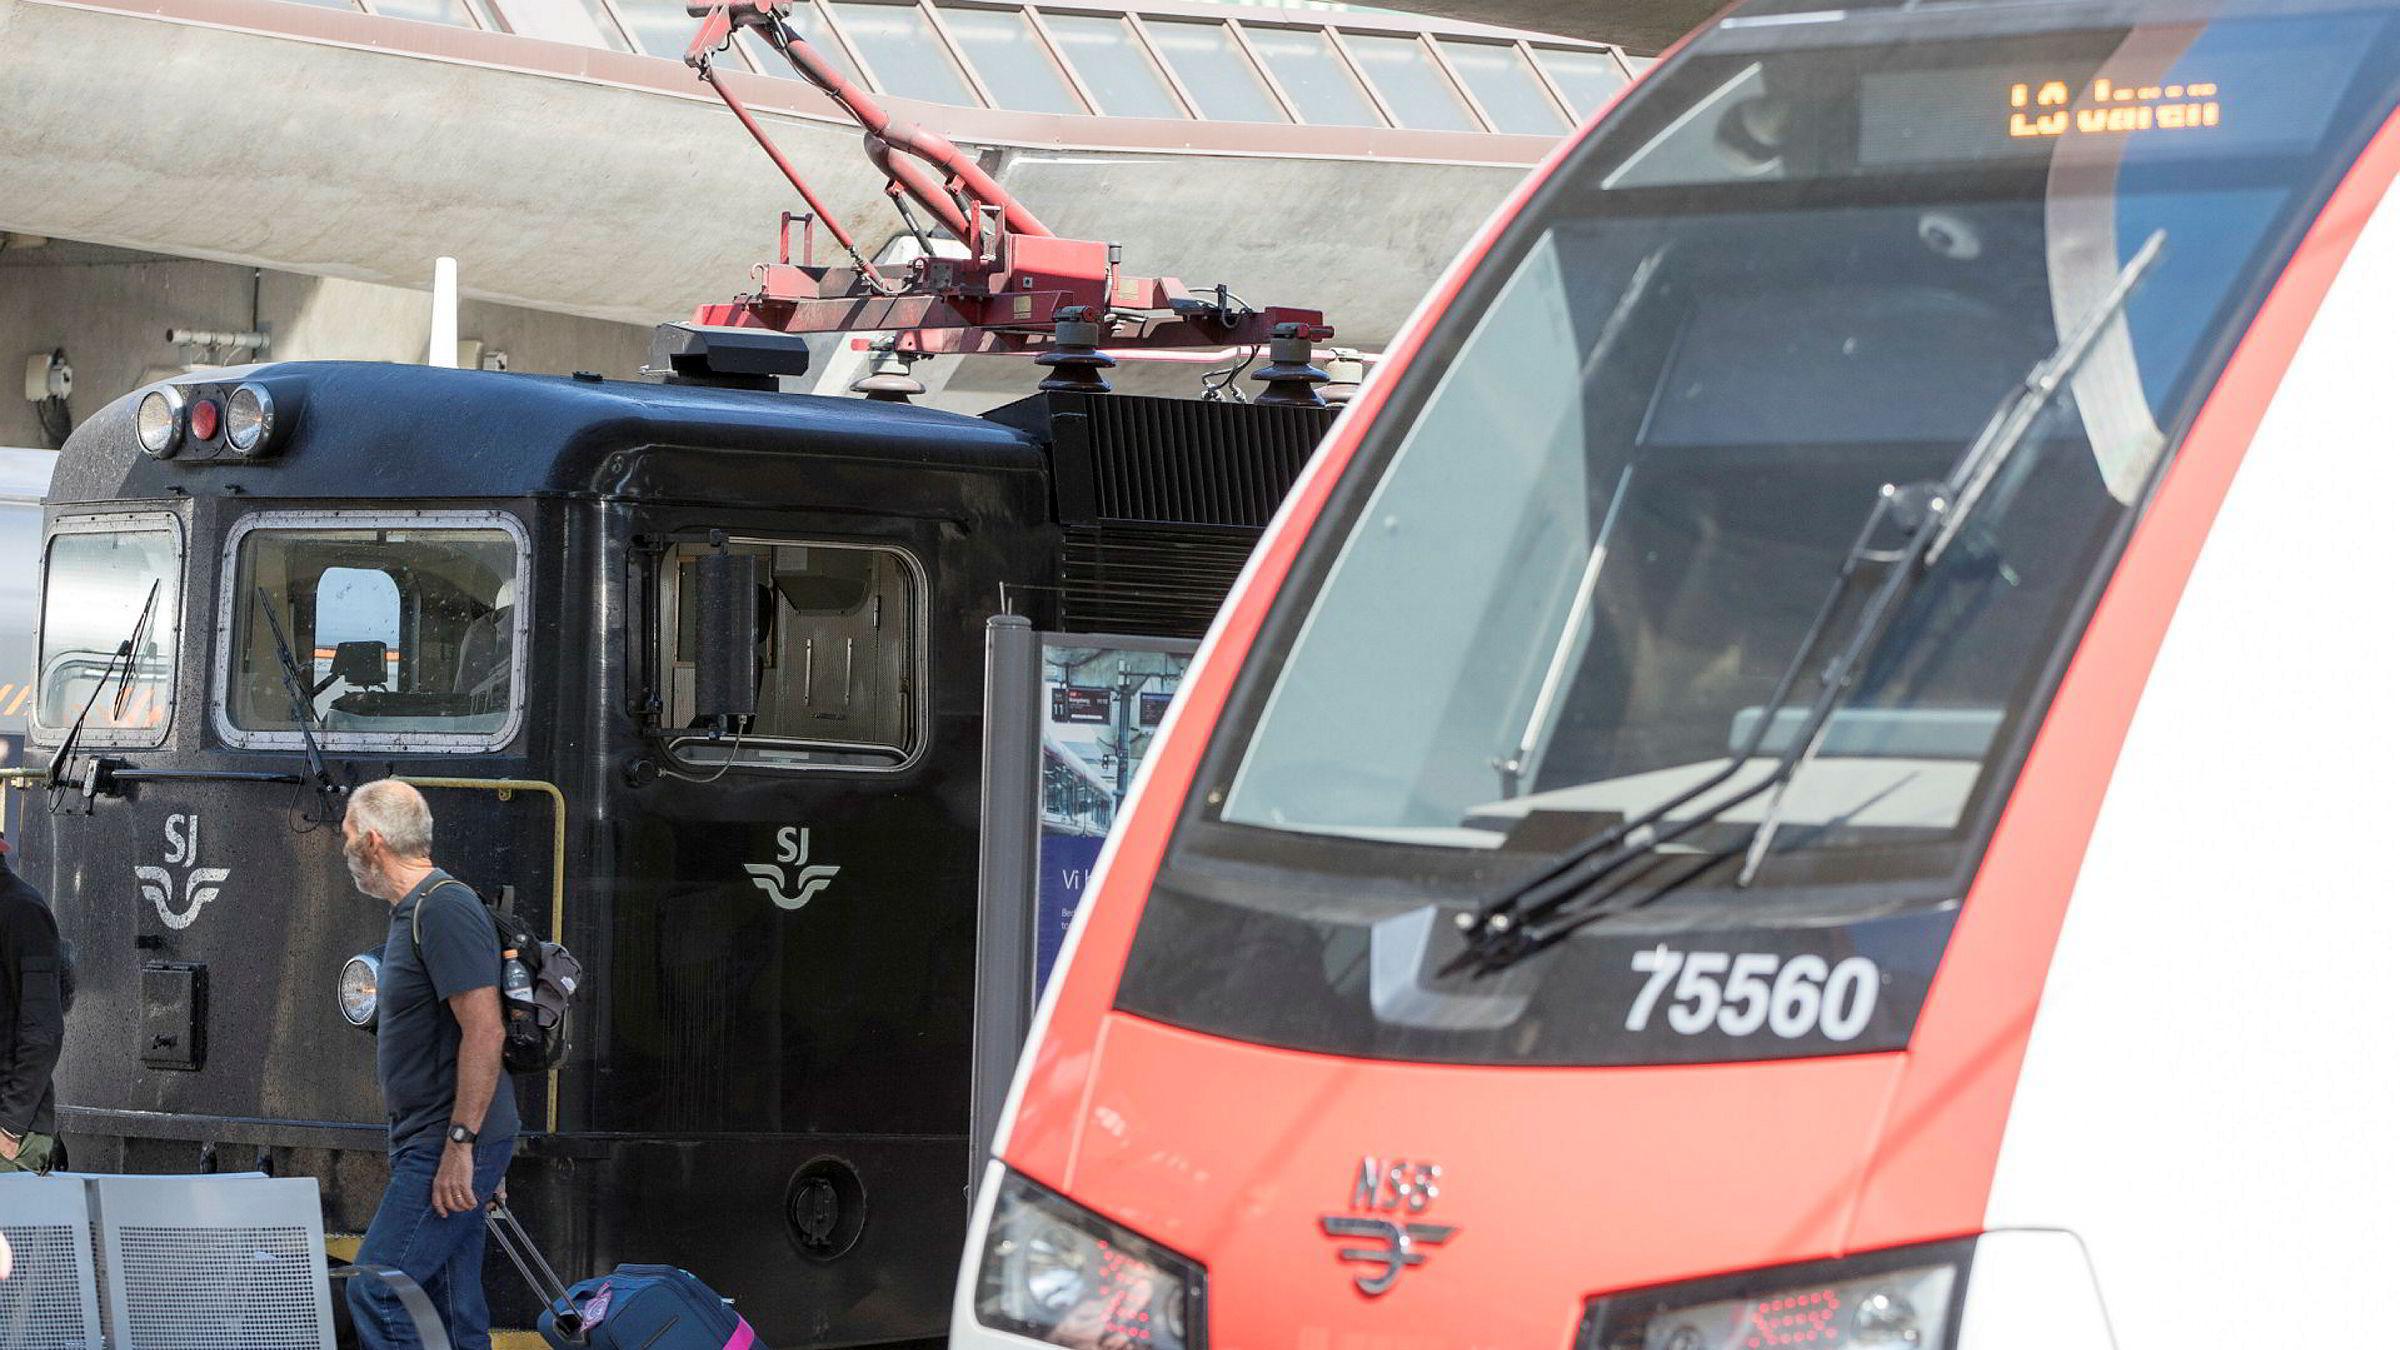 SJ vant anbudet om å drive togtrafikken på Dovrebanen, Rørosbanen, Raumabanen, Nordlandsbanen, Trønderbanen, Meråkerbanen og Saltenpendelen. Selv om Vy, tidligere NSB, lovet flere avganger.